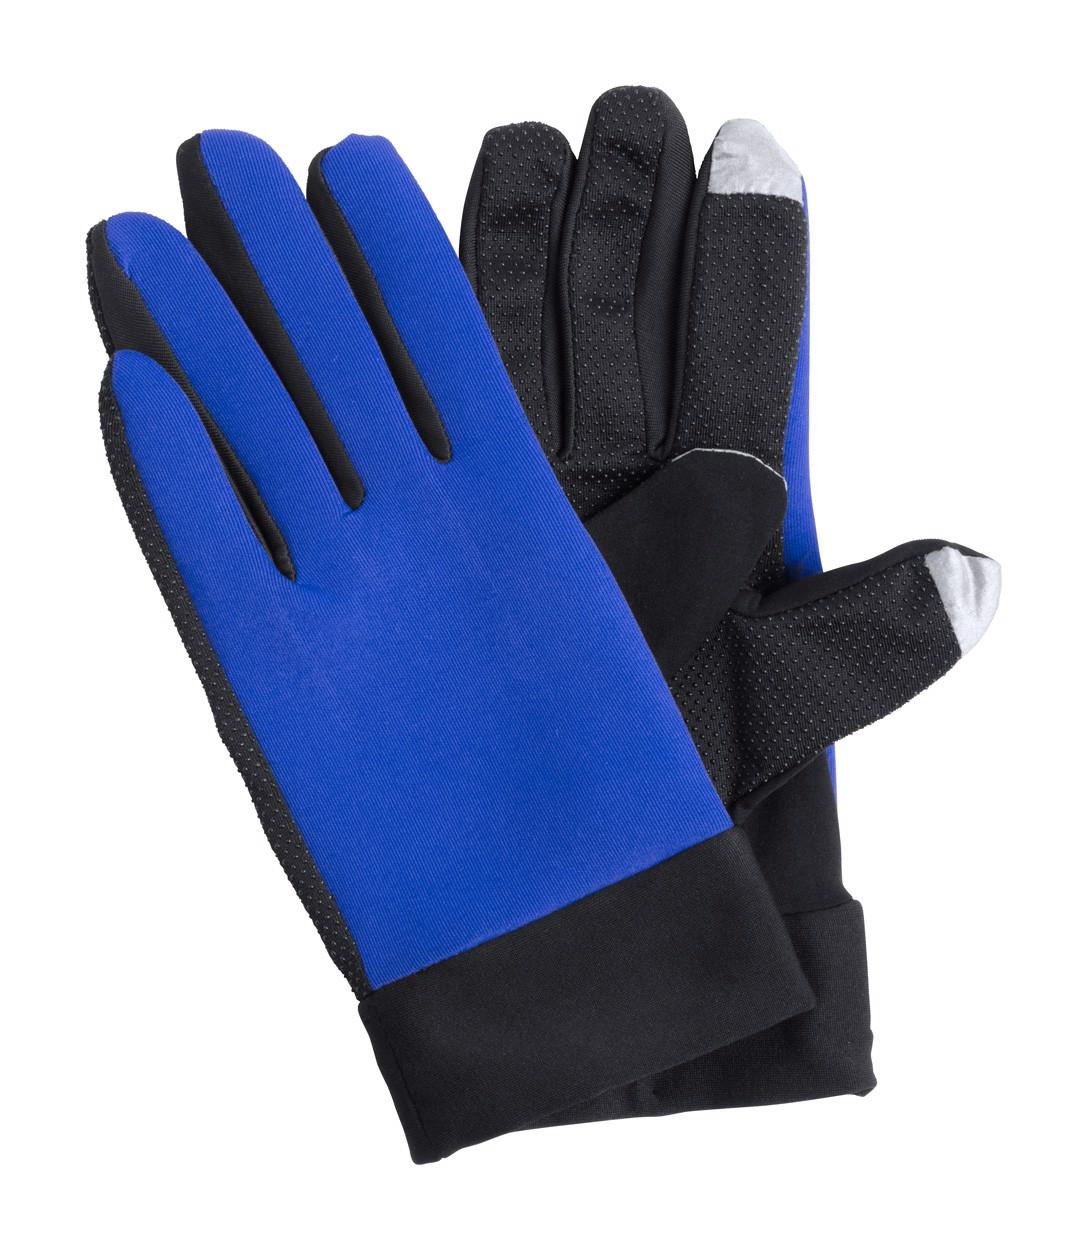 Dotykové Sportovní Rukavice Vanzox - Modrá / Černá